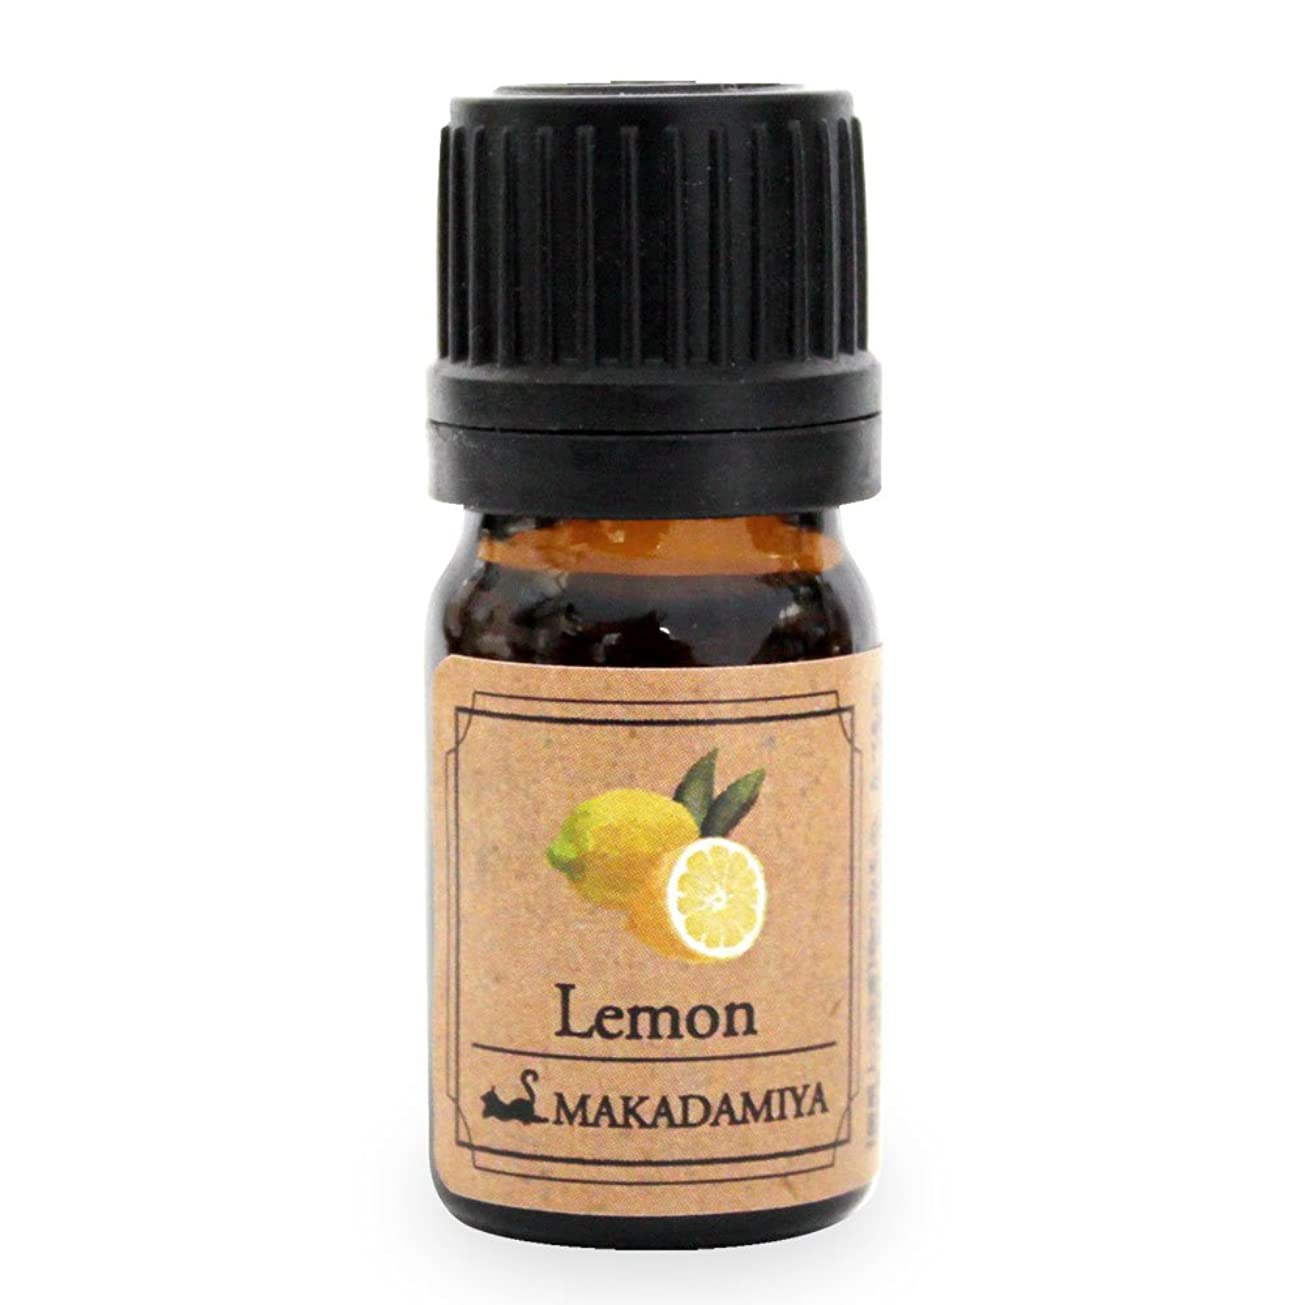 懲戒最初に威信レモン5ml 天然100%植物性 エッセンシャルオイル(精油) アロマオイル アロママッサージ aroma Lemon